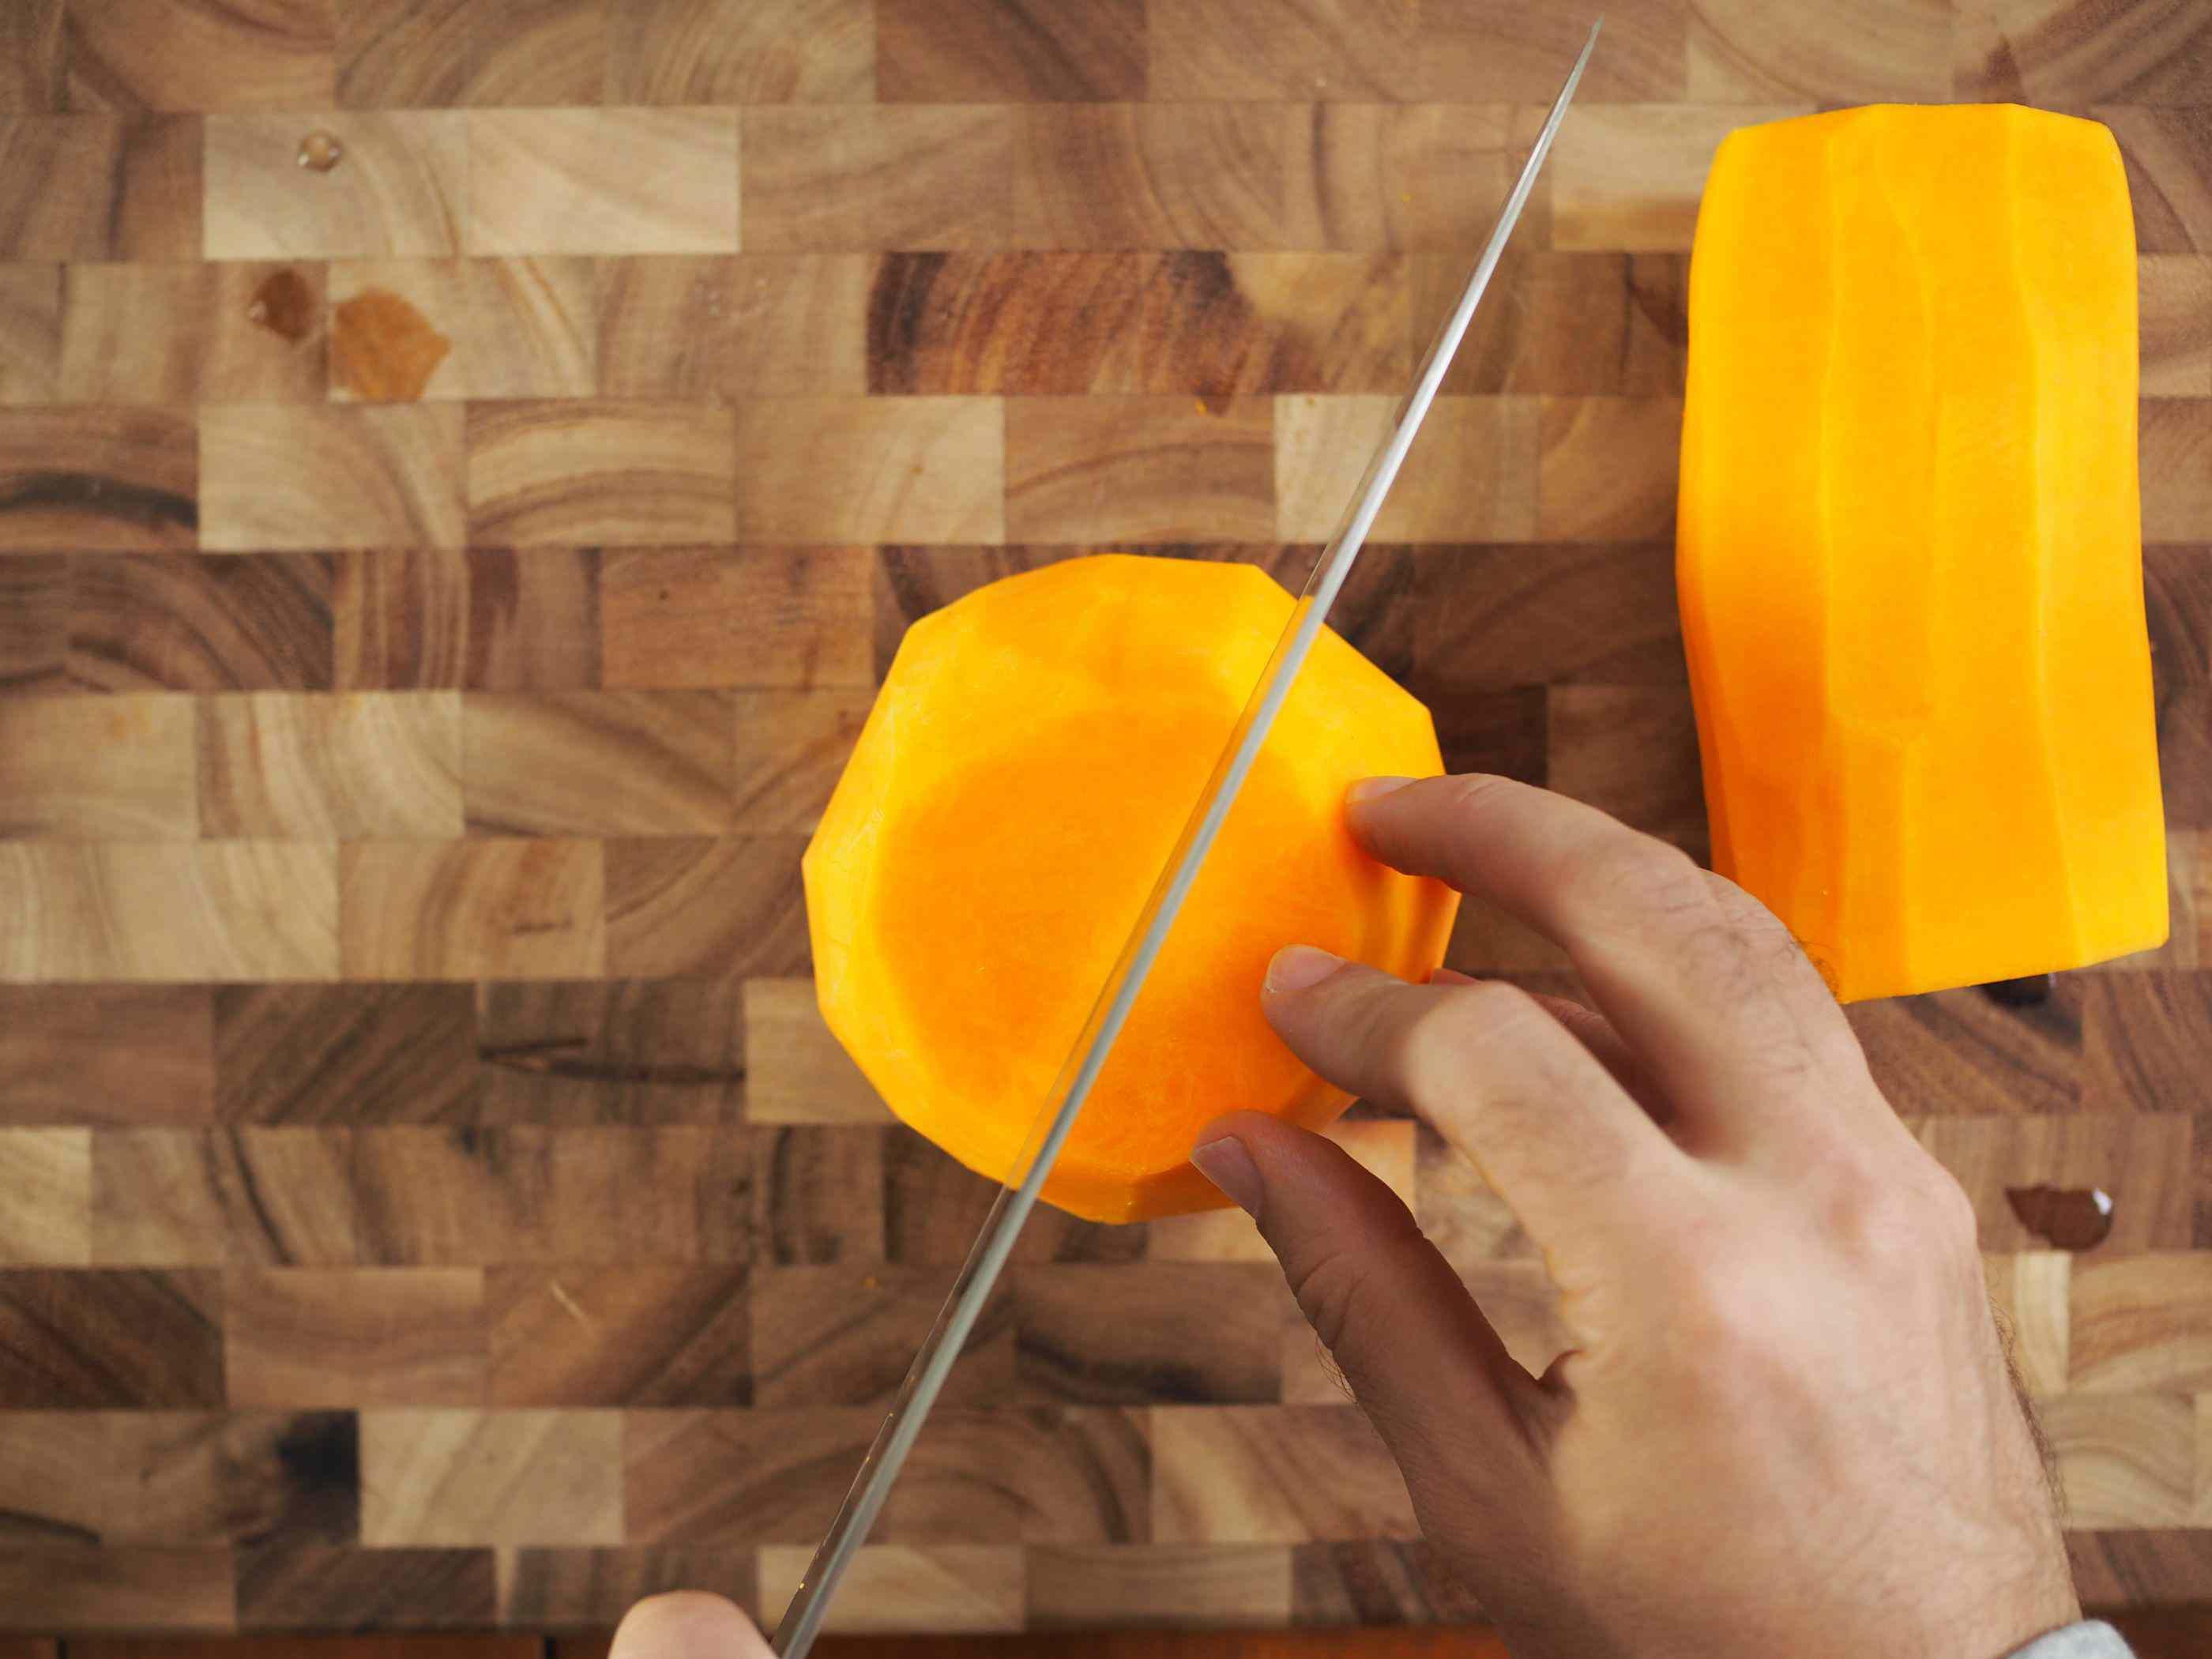 20141008-knife-skills-butternut-squash-daniel-gritzer13.jpg